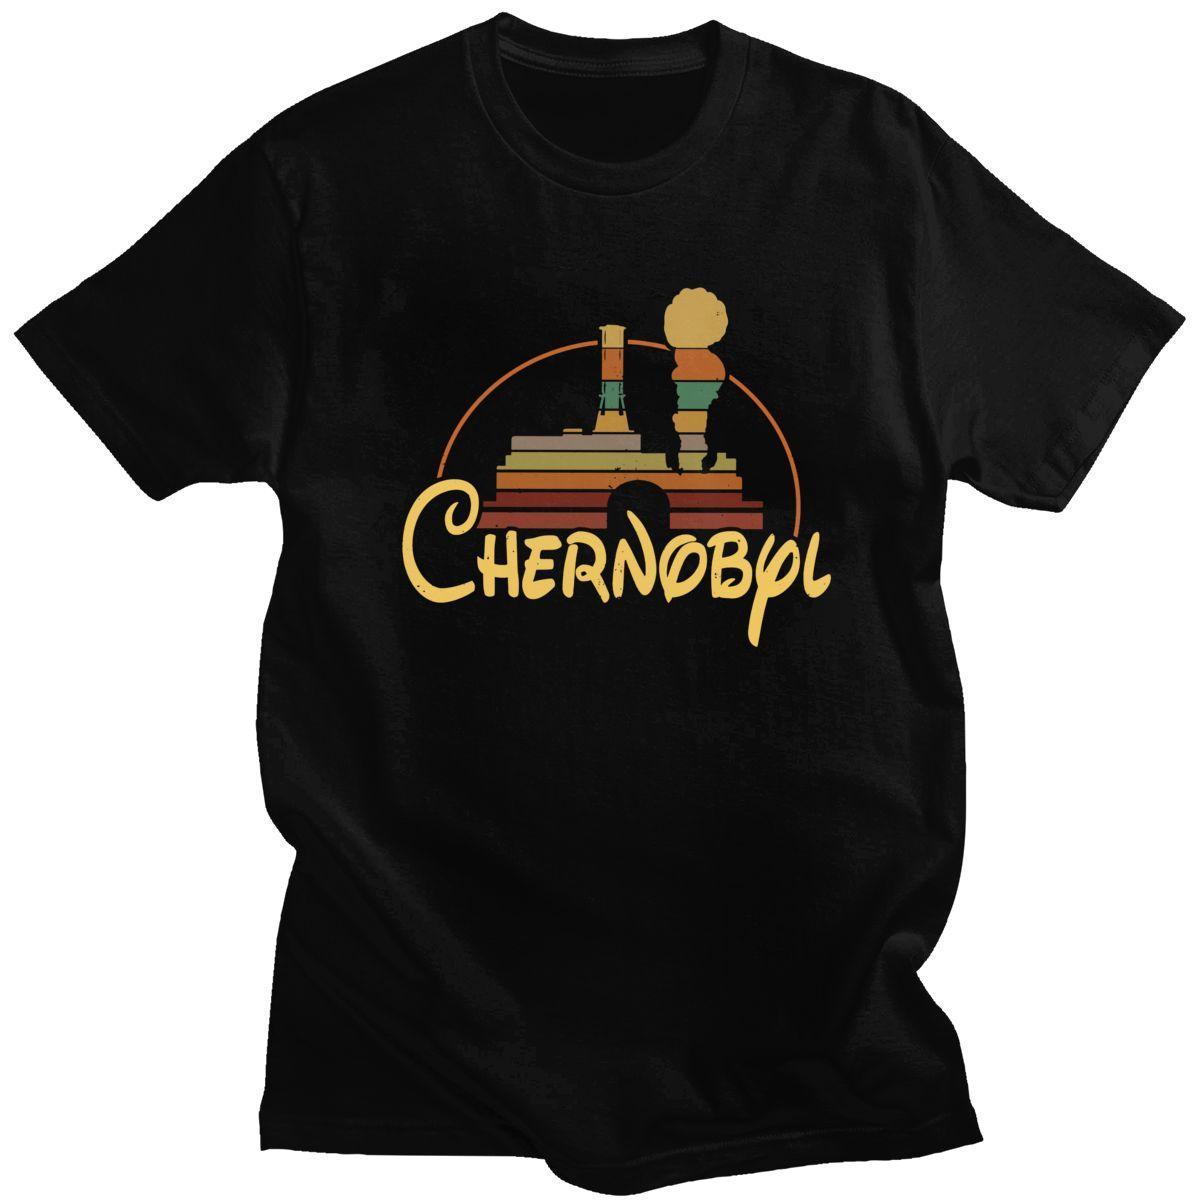 спорт Смешной Чернобыль Tshirt 3,6 Рентген Не Великий Не Terrible Nuclear Tshirt Soft New Classic Harajuku Streetwear Tee Shirt Merch